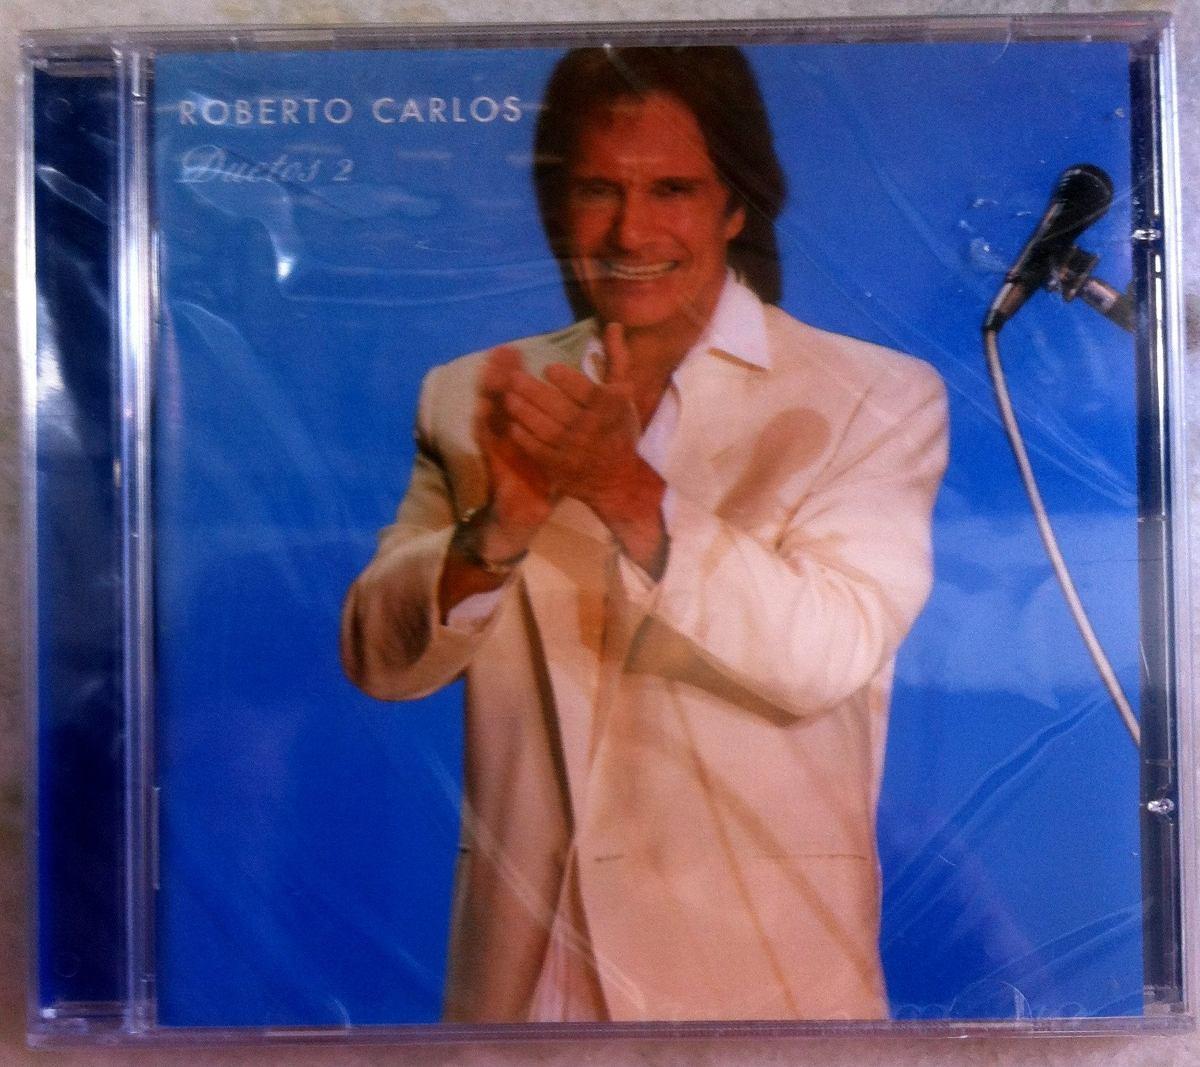 gratis cd roberto carlos duetos